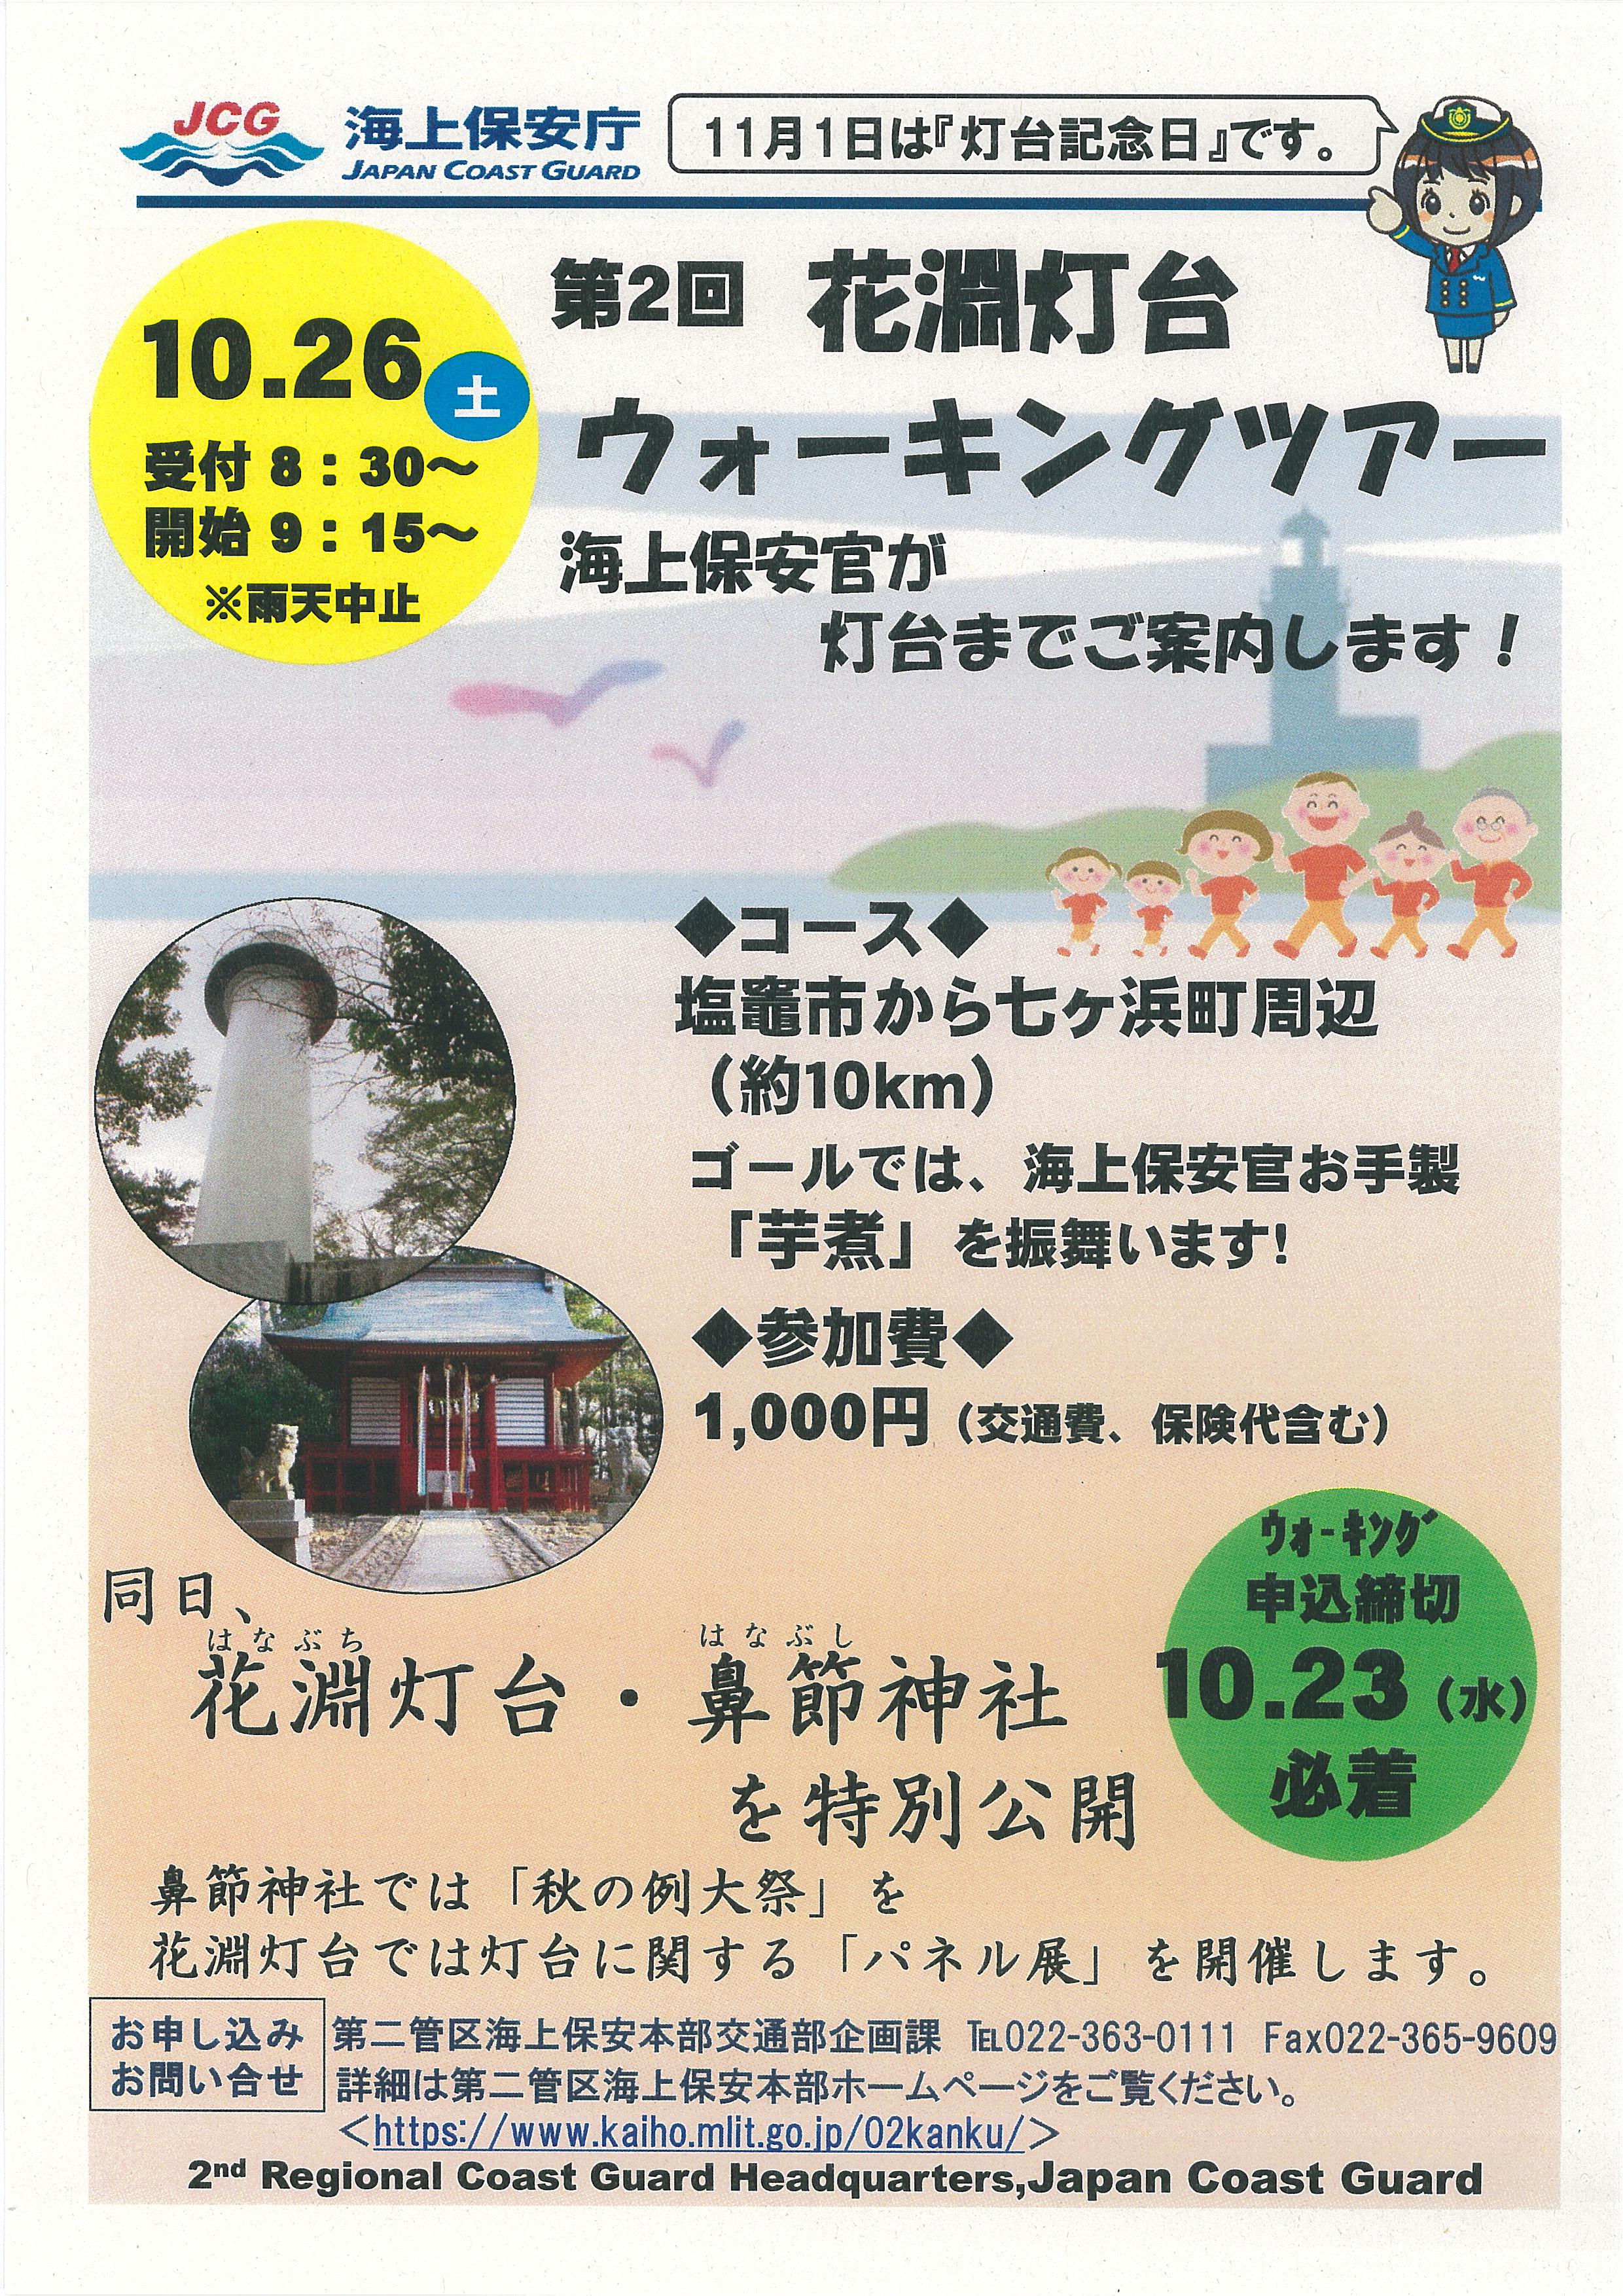 鼻節神社と花淵灯台コラボイベントを開催!